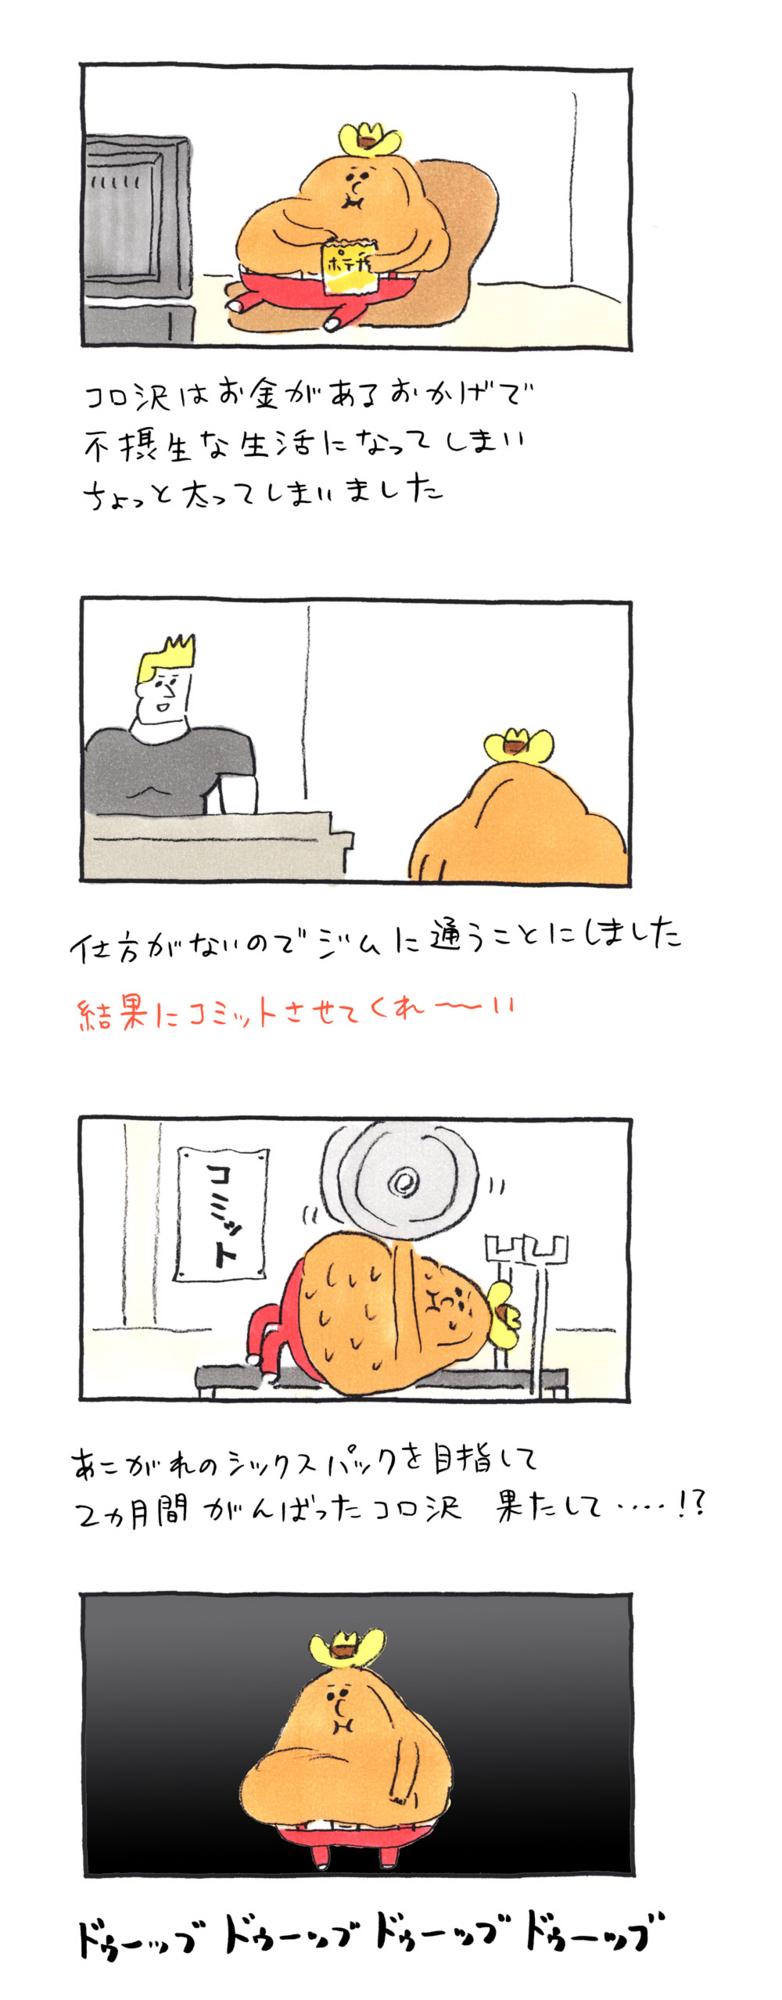 f:id:kakijiro:20160119160952j:plain